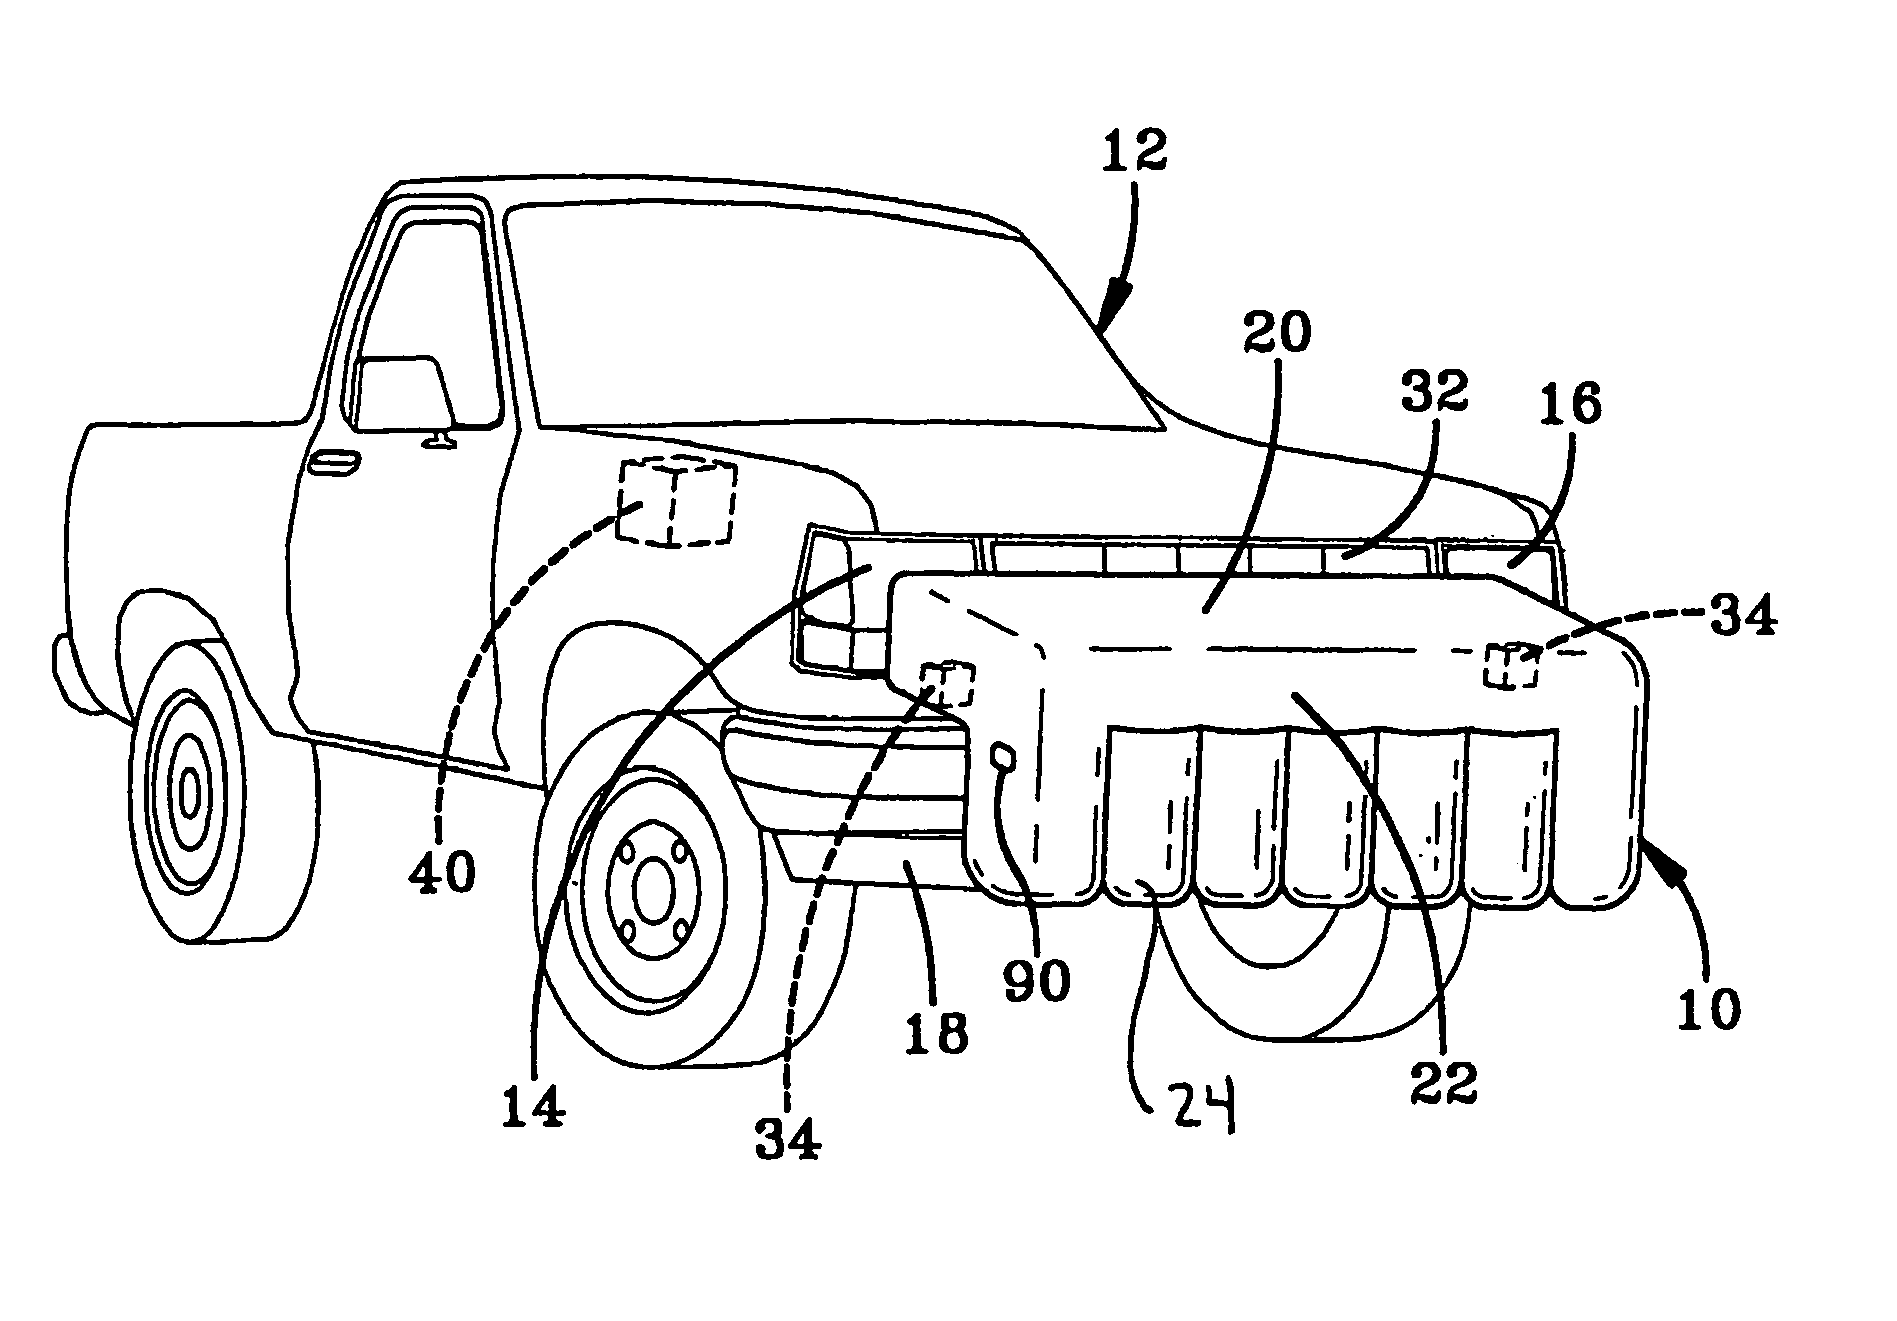 Design of a car bumper - Patent Drawing